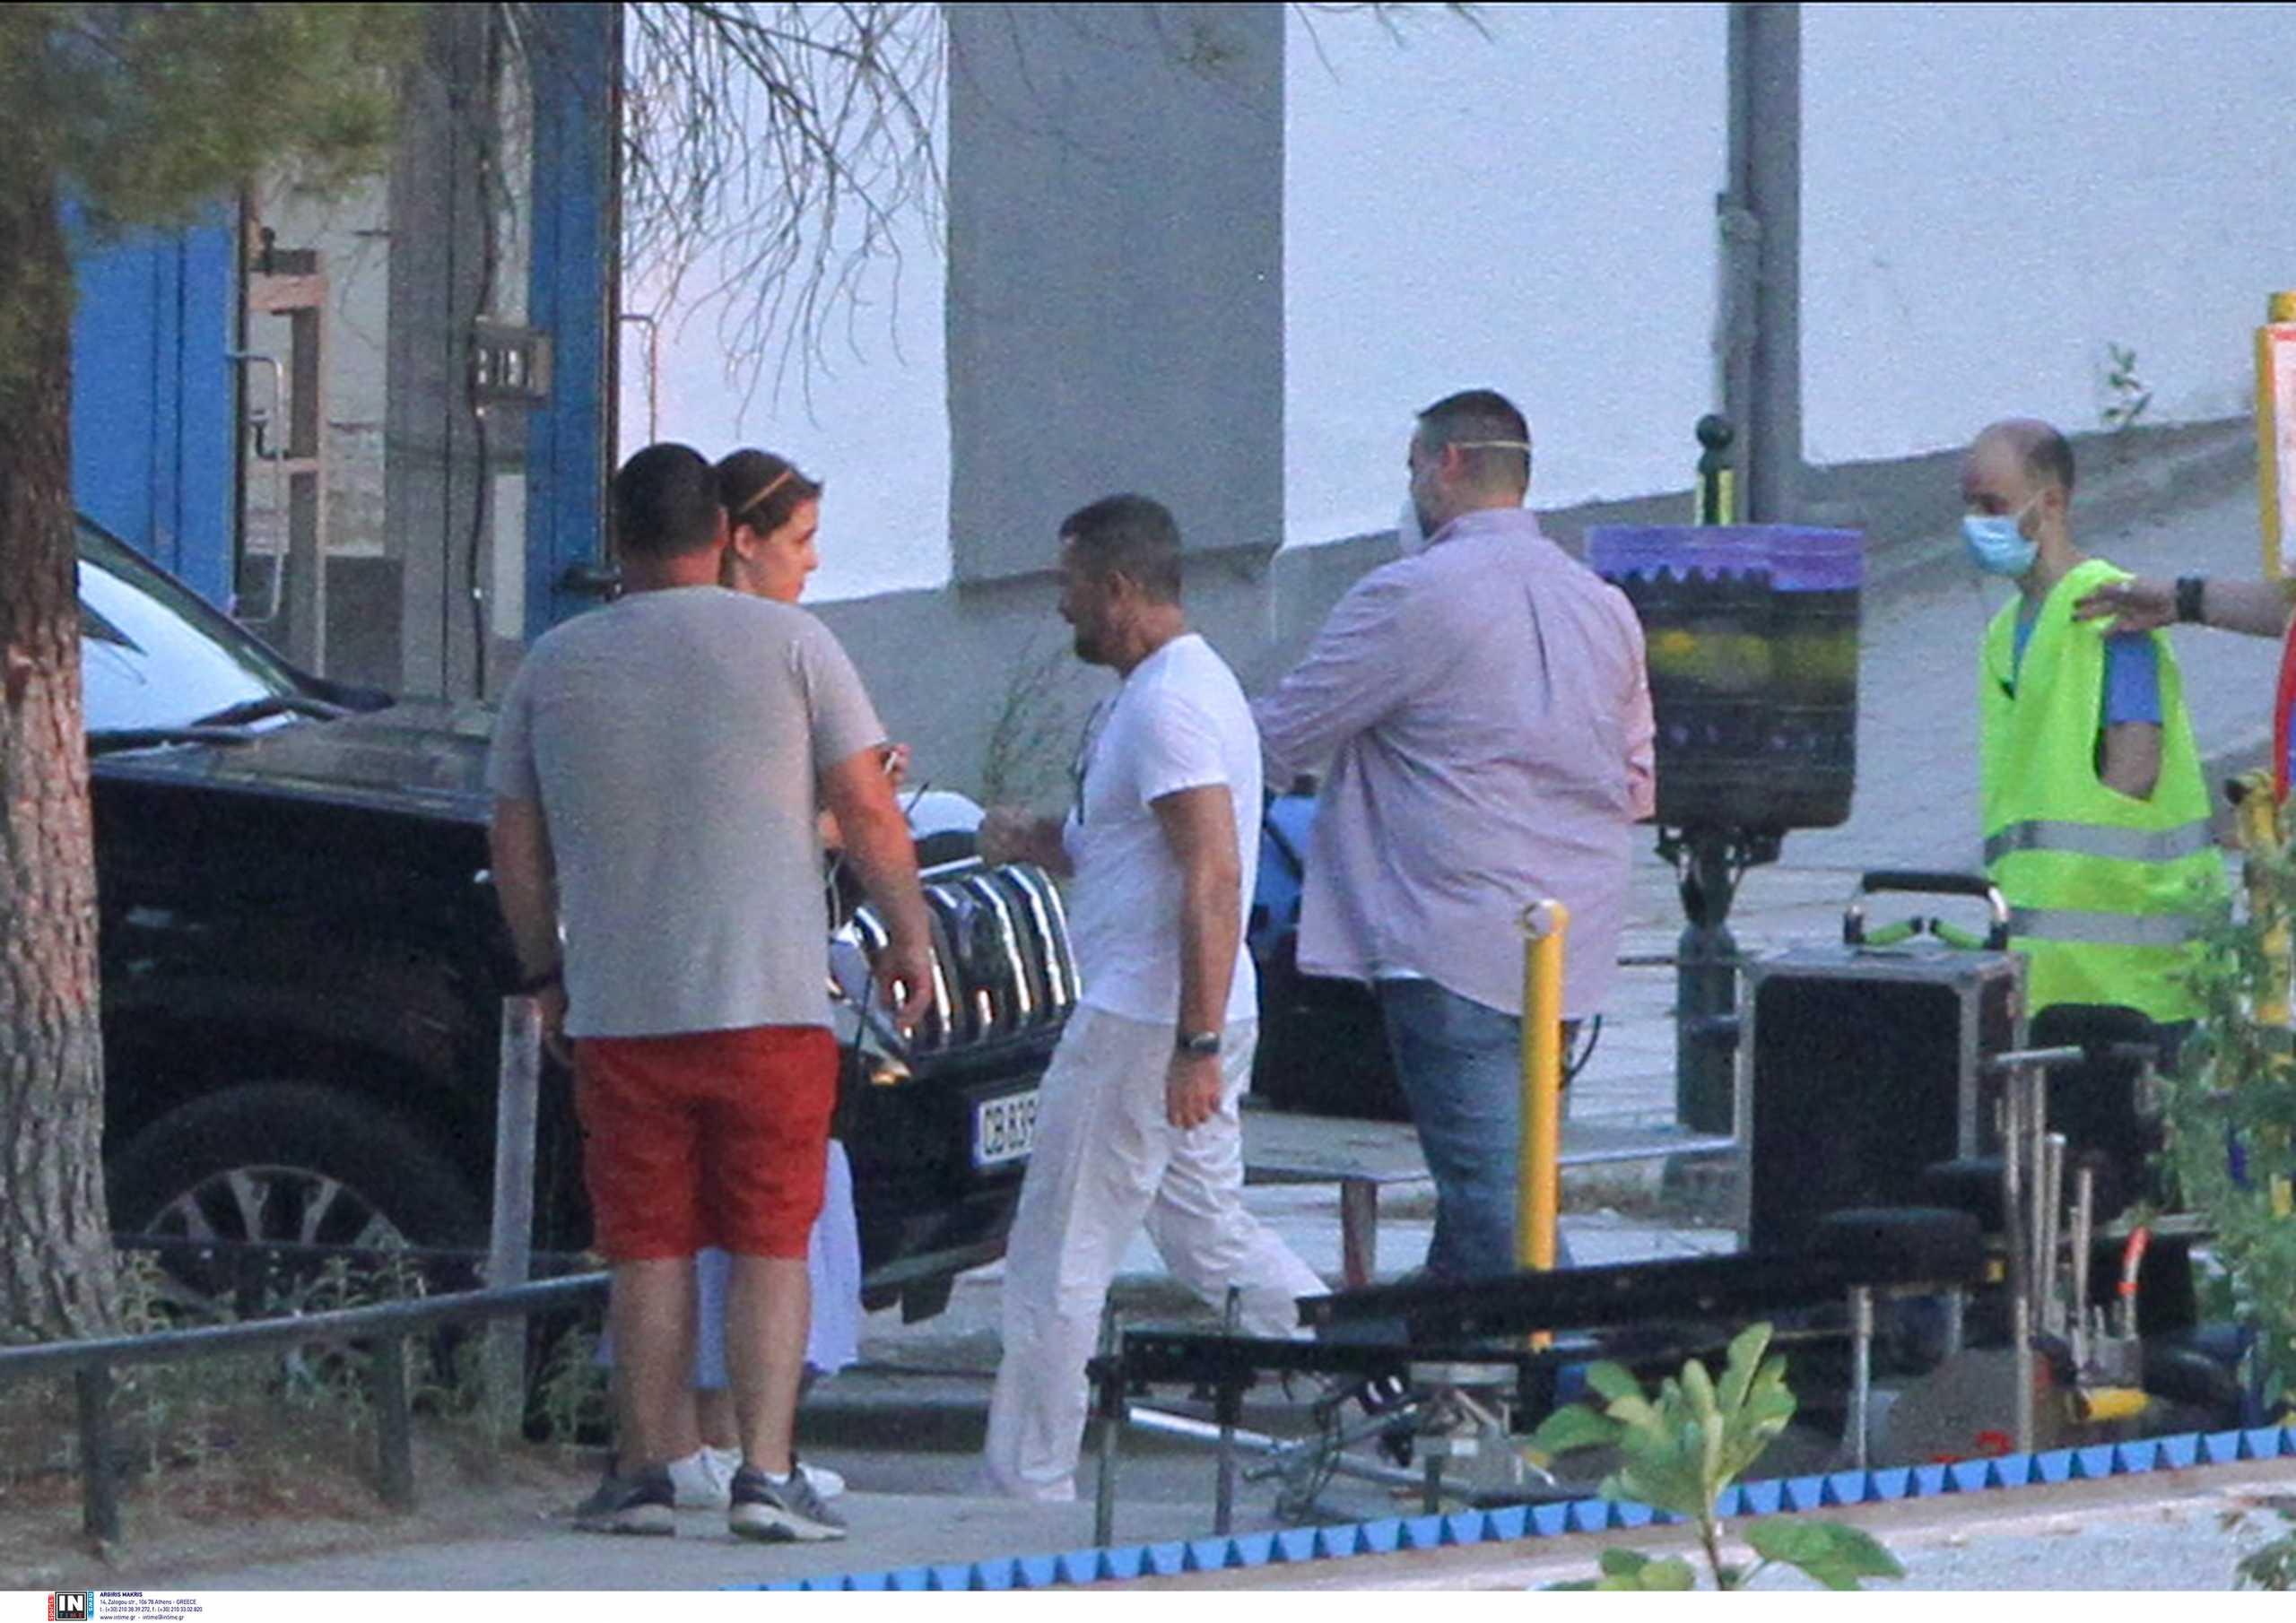 Αντόνιο Μπαντέρας: Μέσα στα πρώτα γυρίσματα της ταινίας «The Enforcer» στη Θεσσαλονίκη